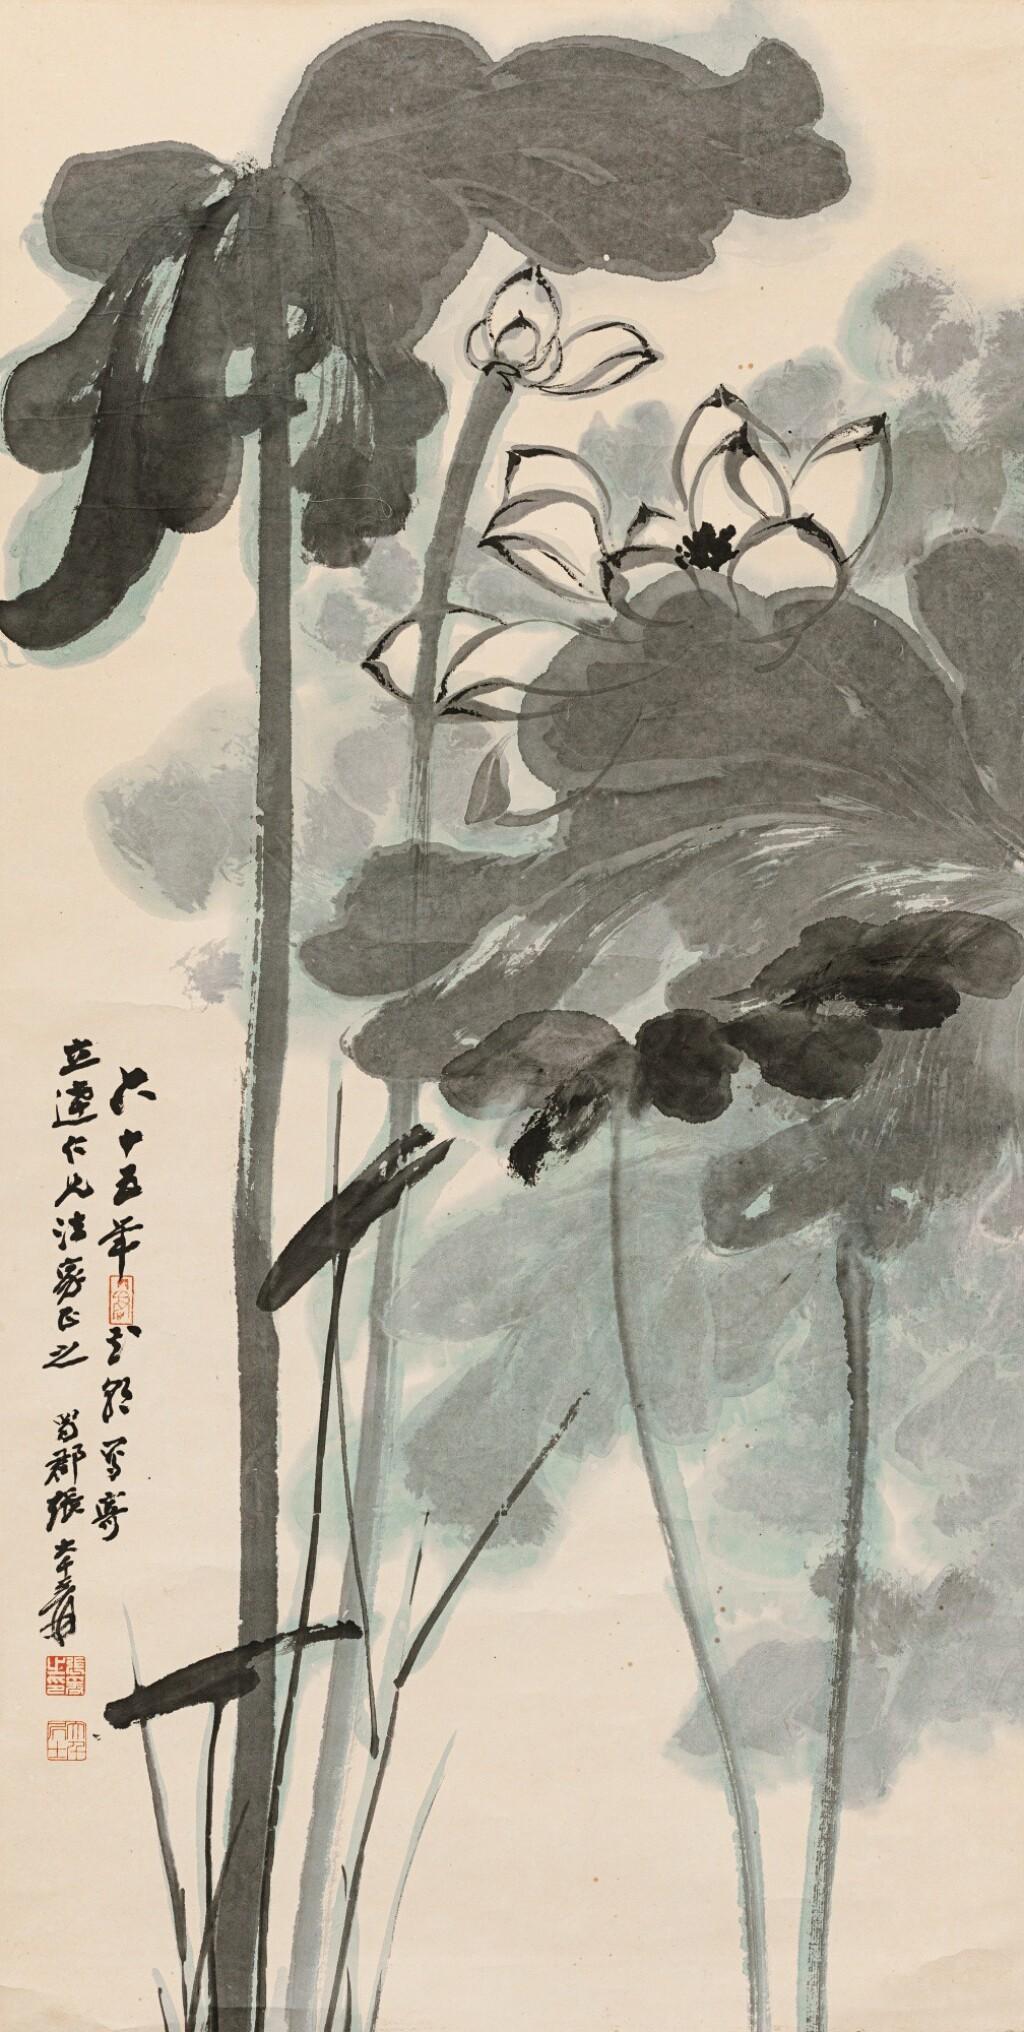 ZHANG DAQIAN (1899-1983) LE LOTUS | 張大千 《荷花》 設色紙本 立軸 1976年作 | Zhang Daqian (1899-1983) Lotus